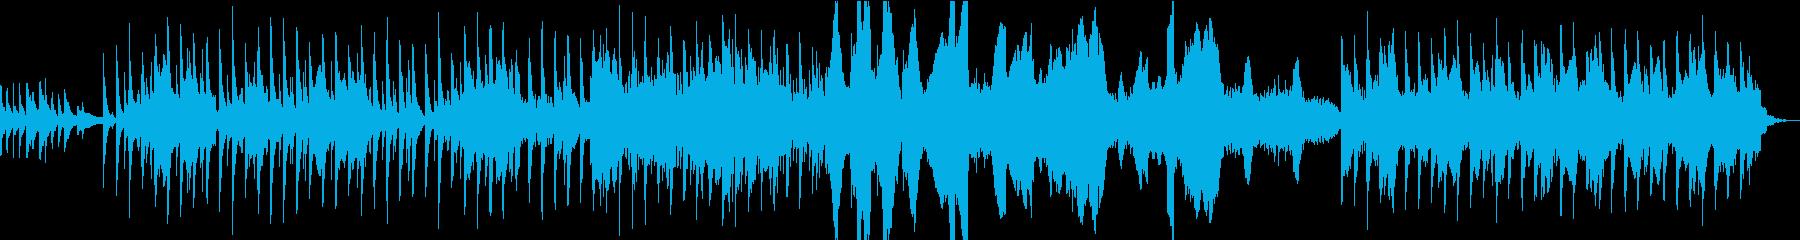 アジアンテイストな不思議なポップスの再生済みの波形